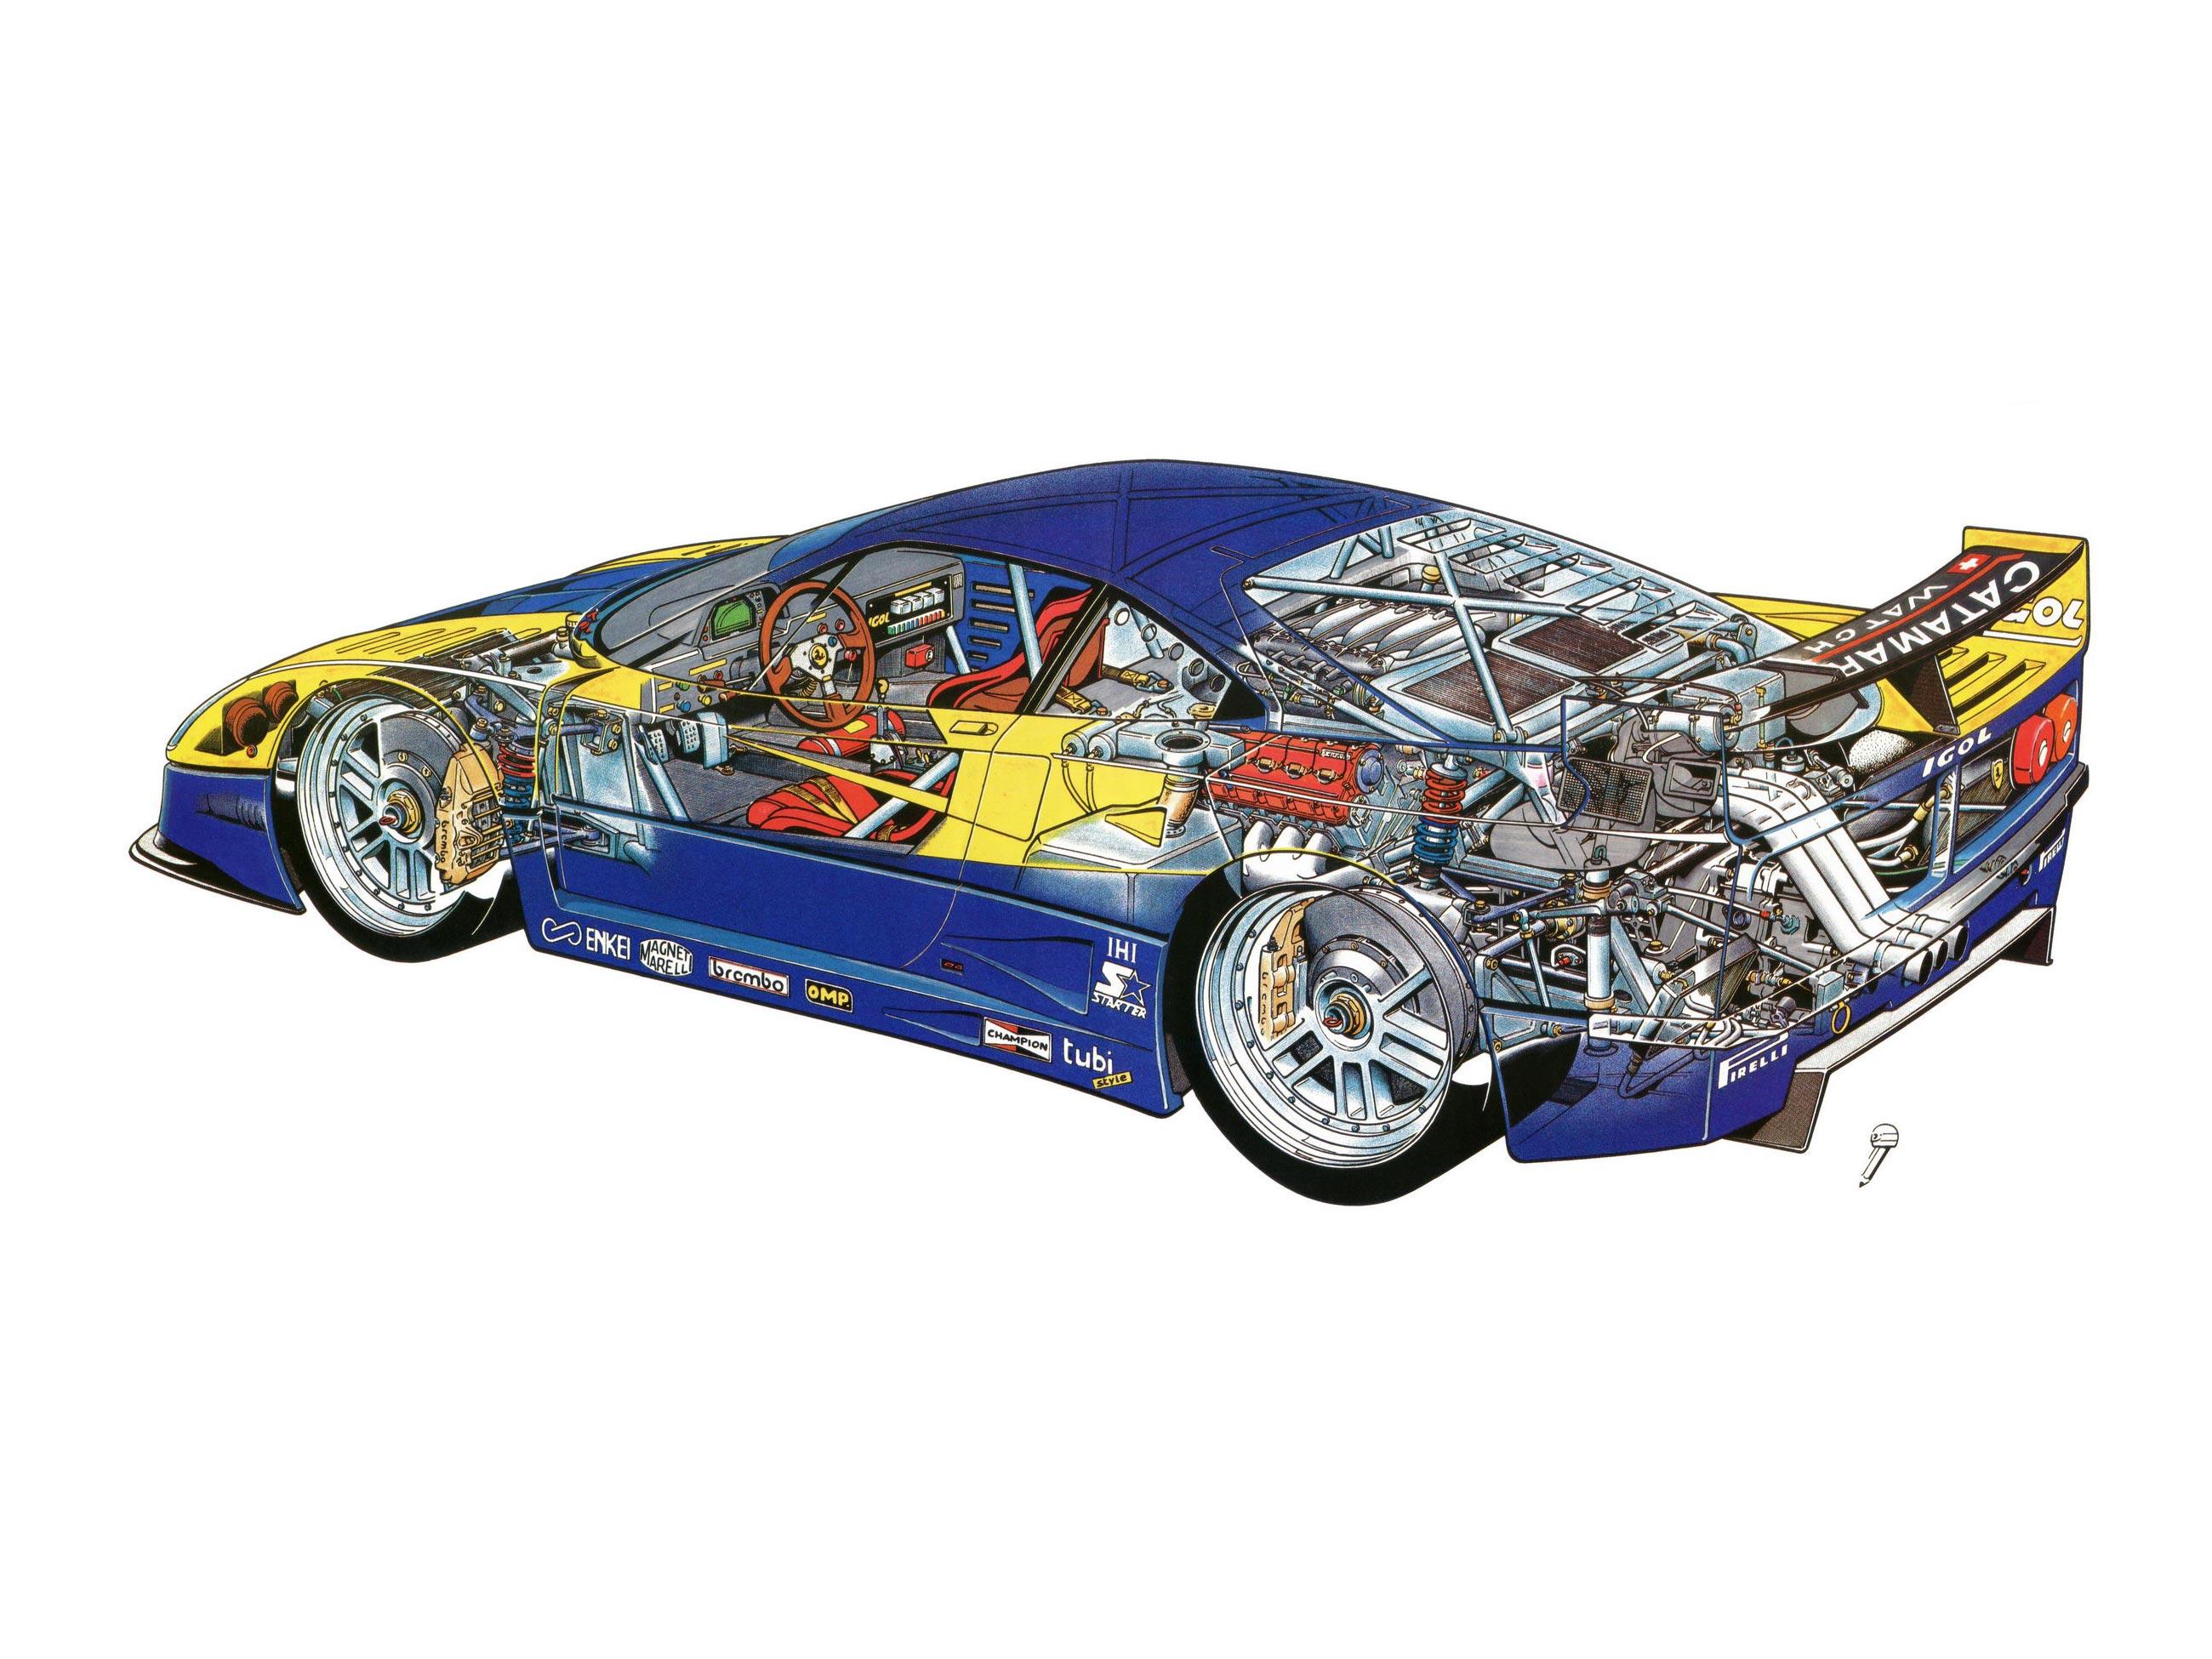 Ferrari F40 GTE cutaway drawing